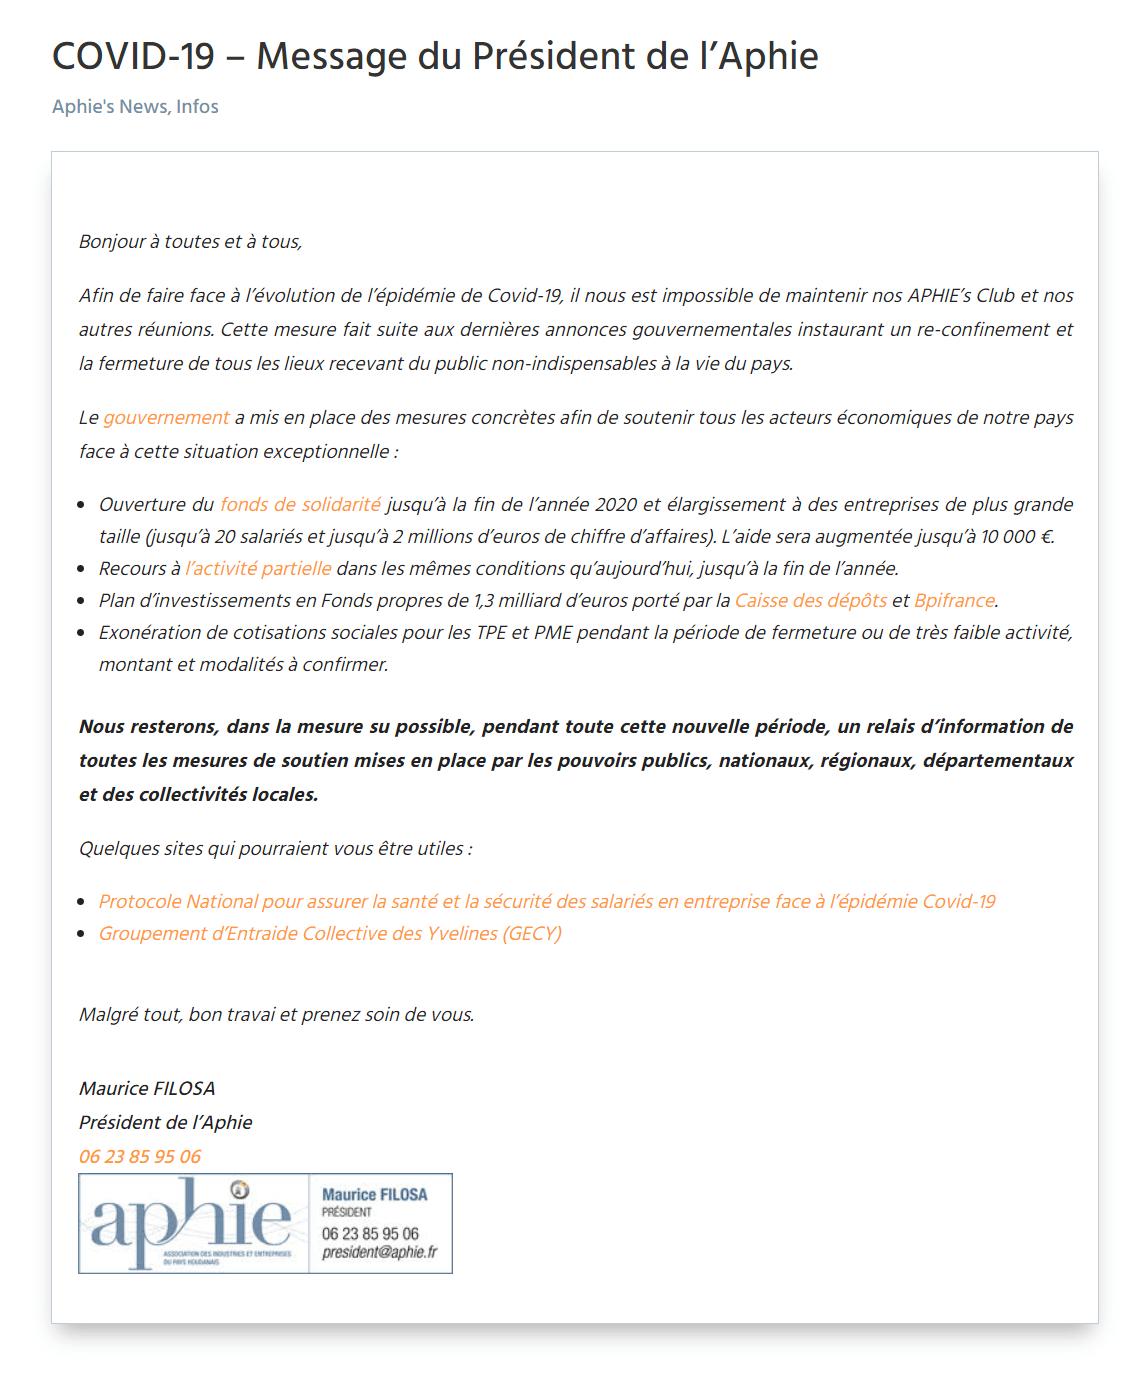 COVID-19 – Message du Président de l'Aphie